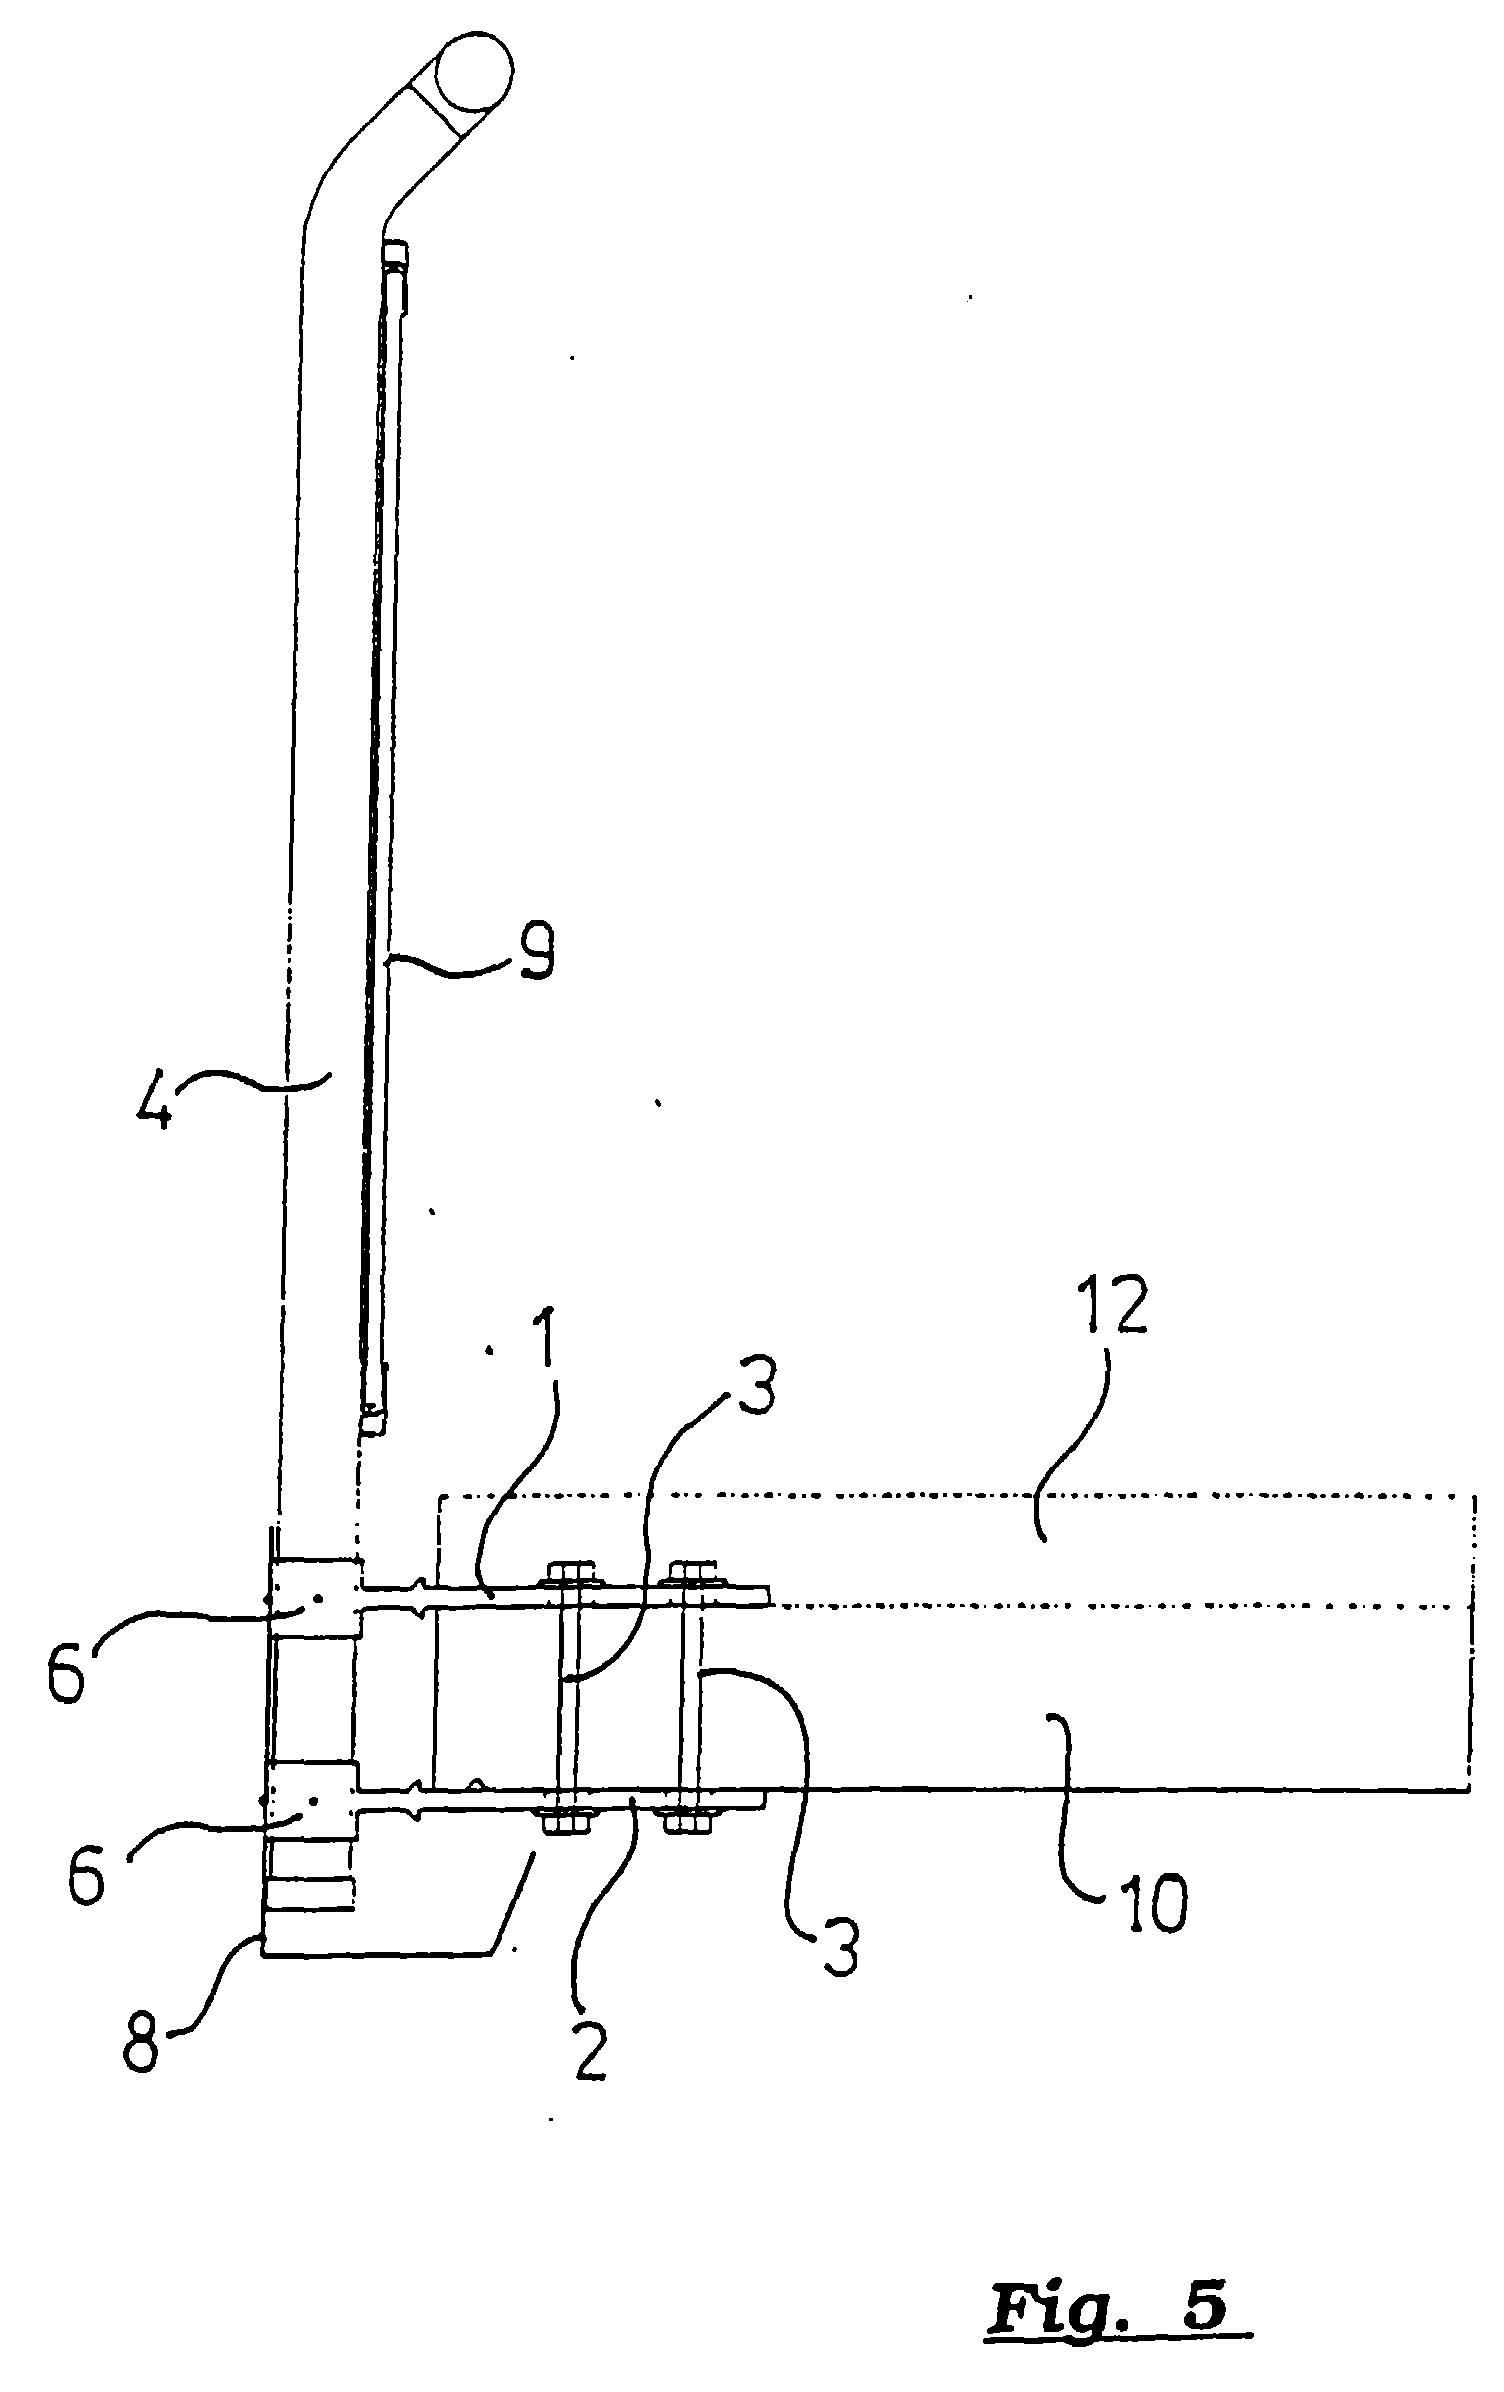 Balkongeländer Befestigung Unterseite patent ep0789114a1 verfahren und vorrichtung zur befestigung